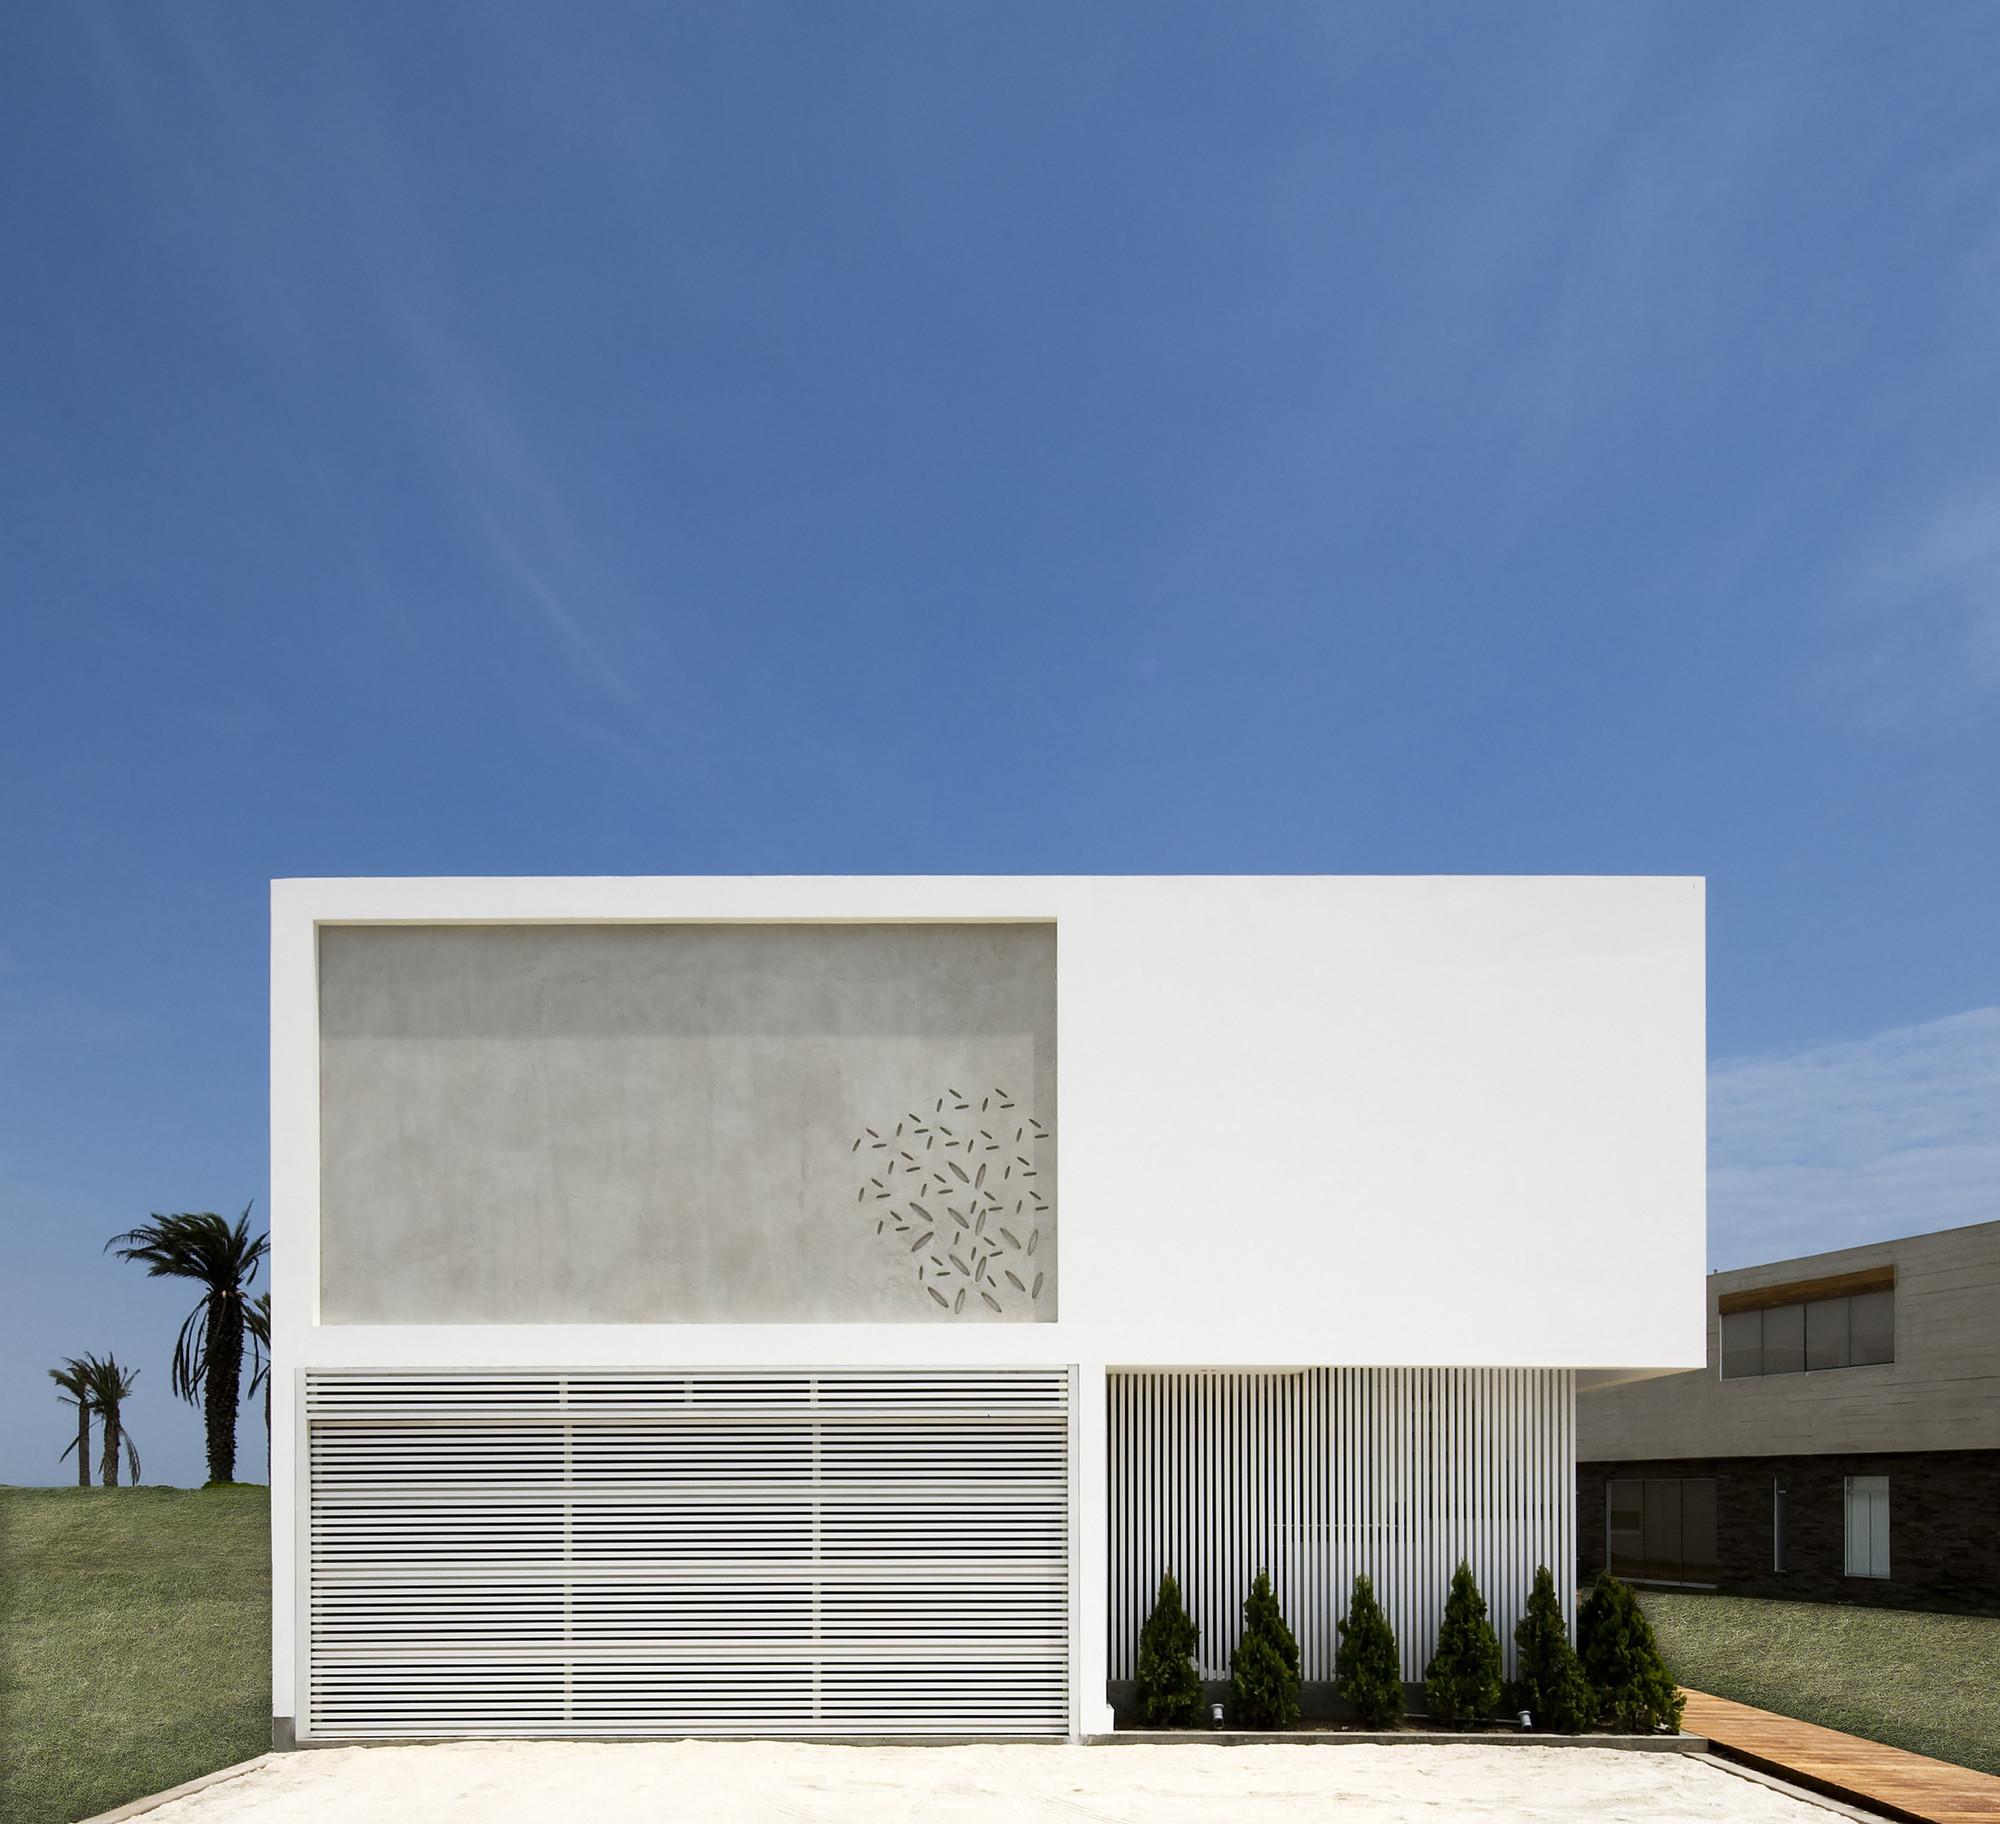 Casa V / Estudio 6 Arquitectos, © Gonzalo Cáceres Dancuart